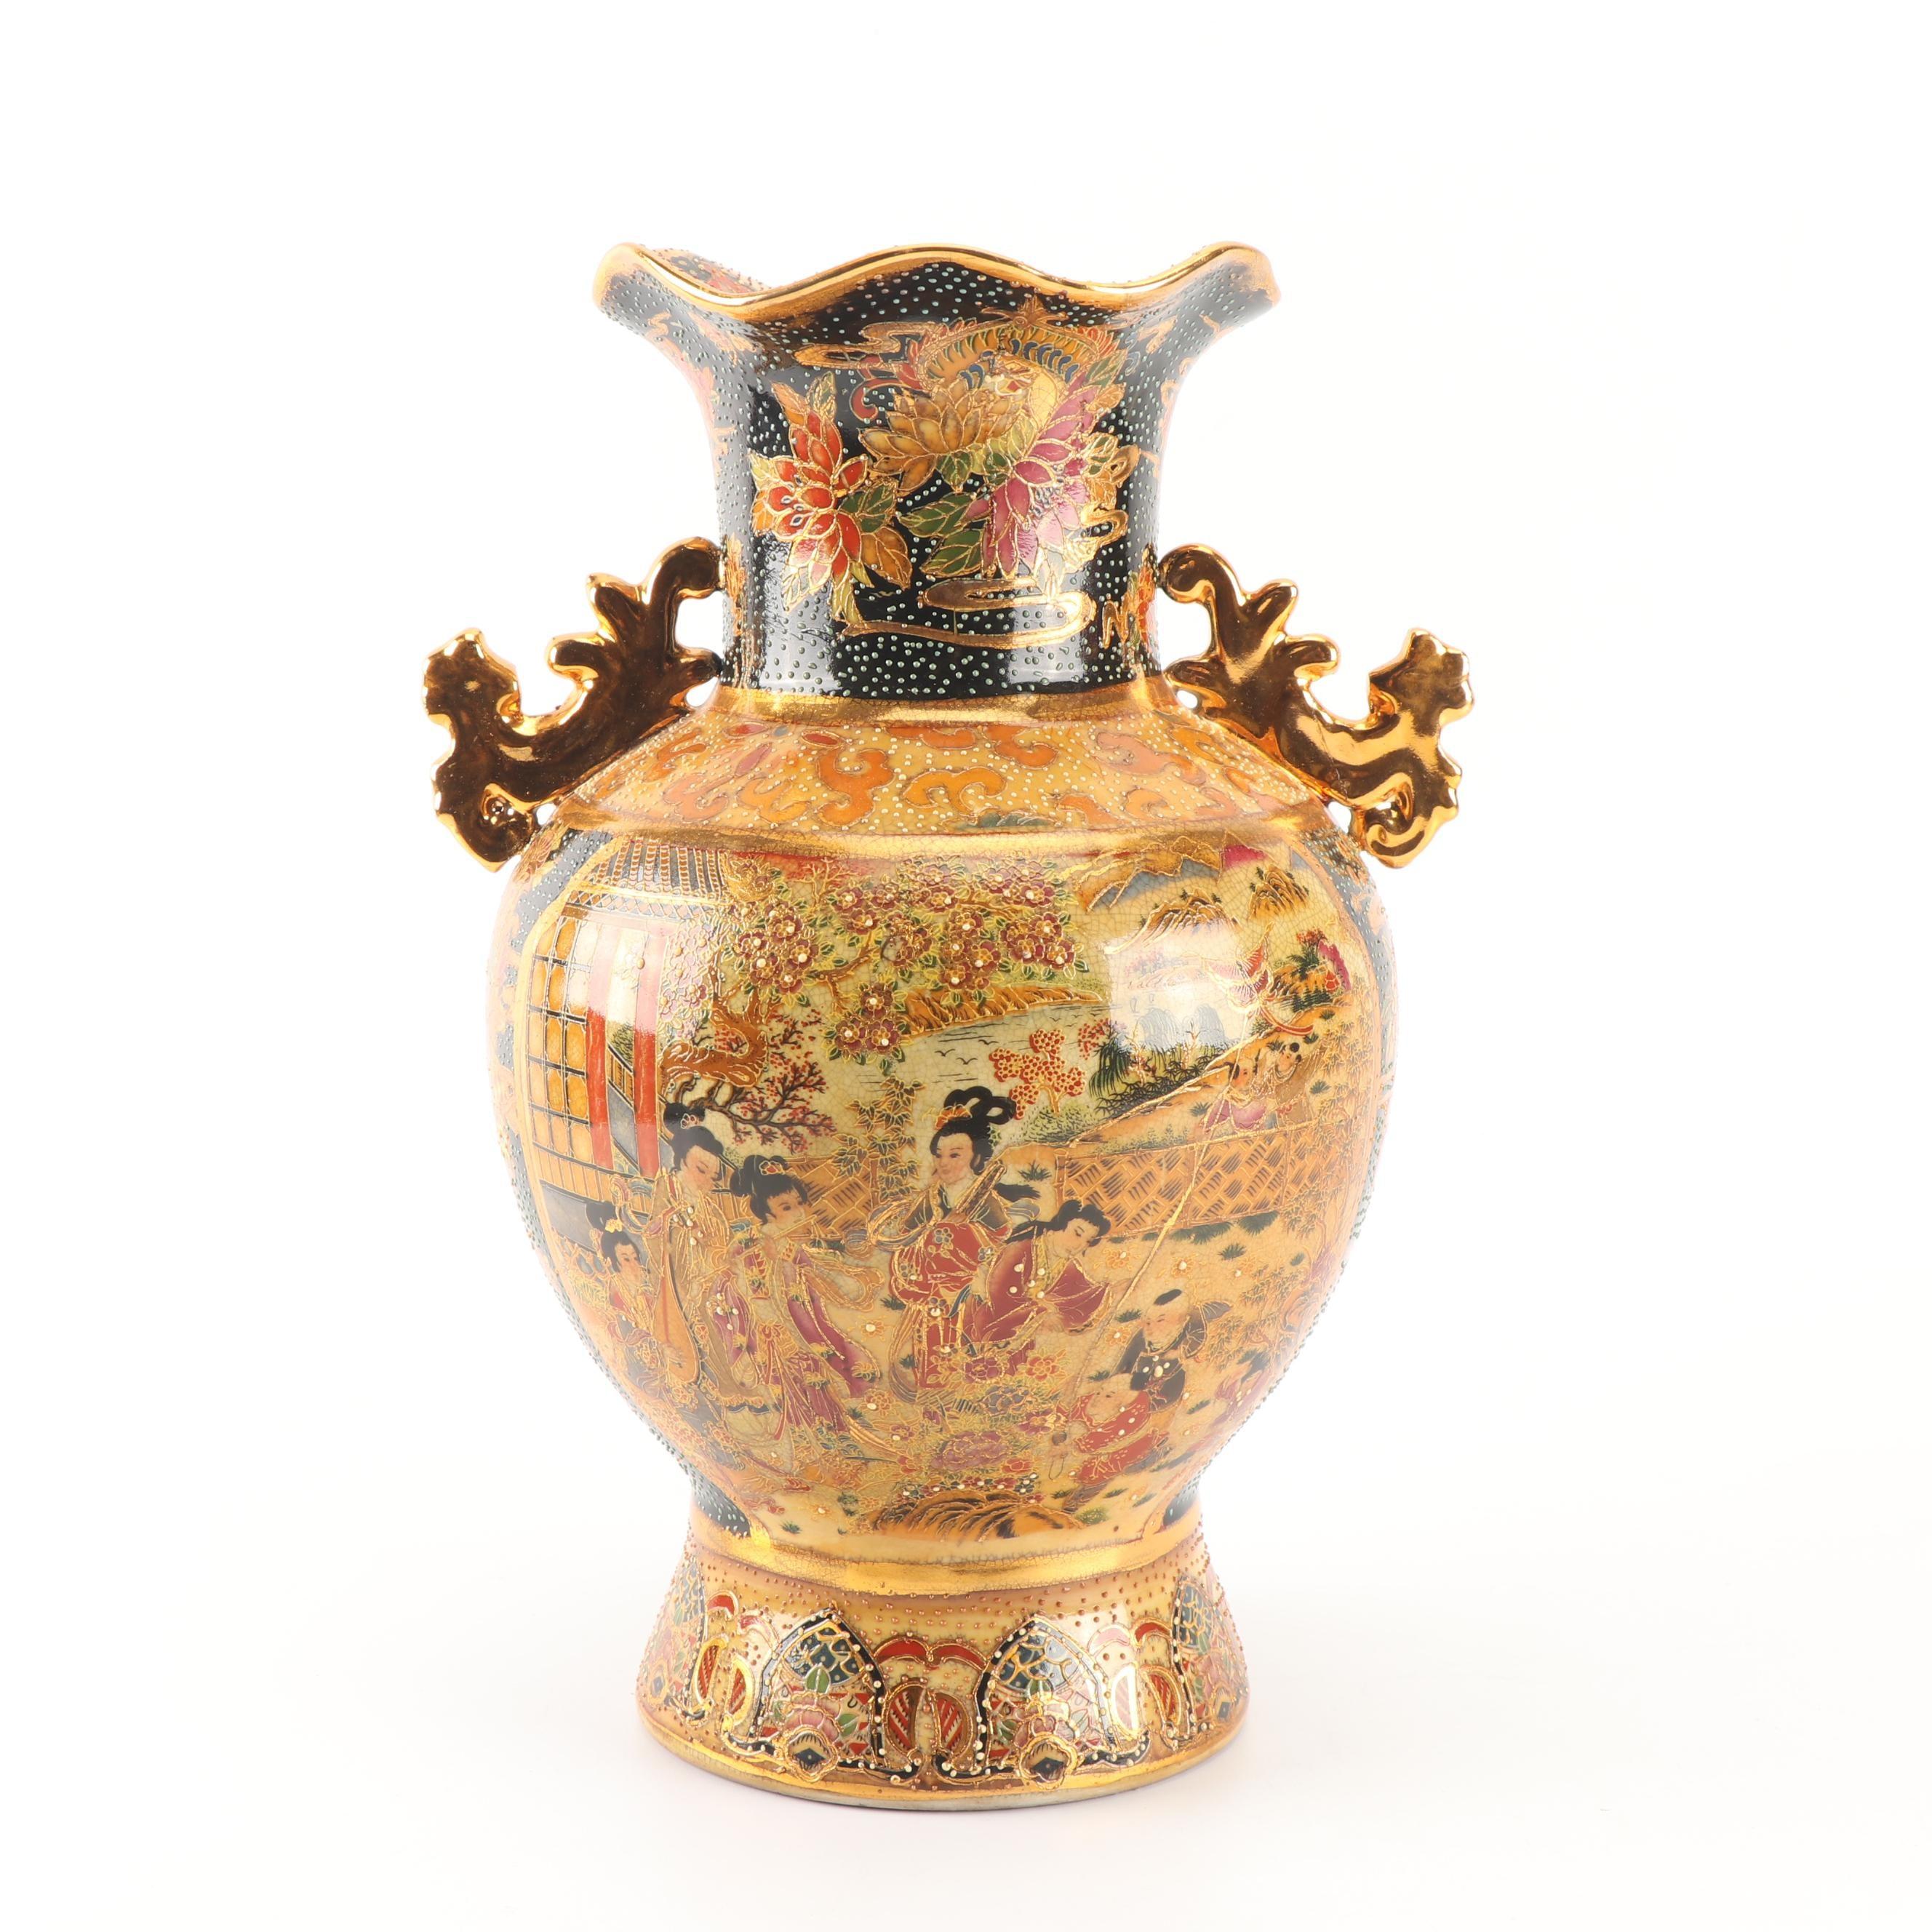 Chinese Royal Satsuma Porcelain Vase